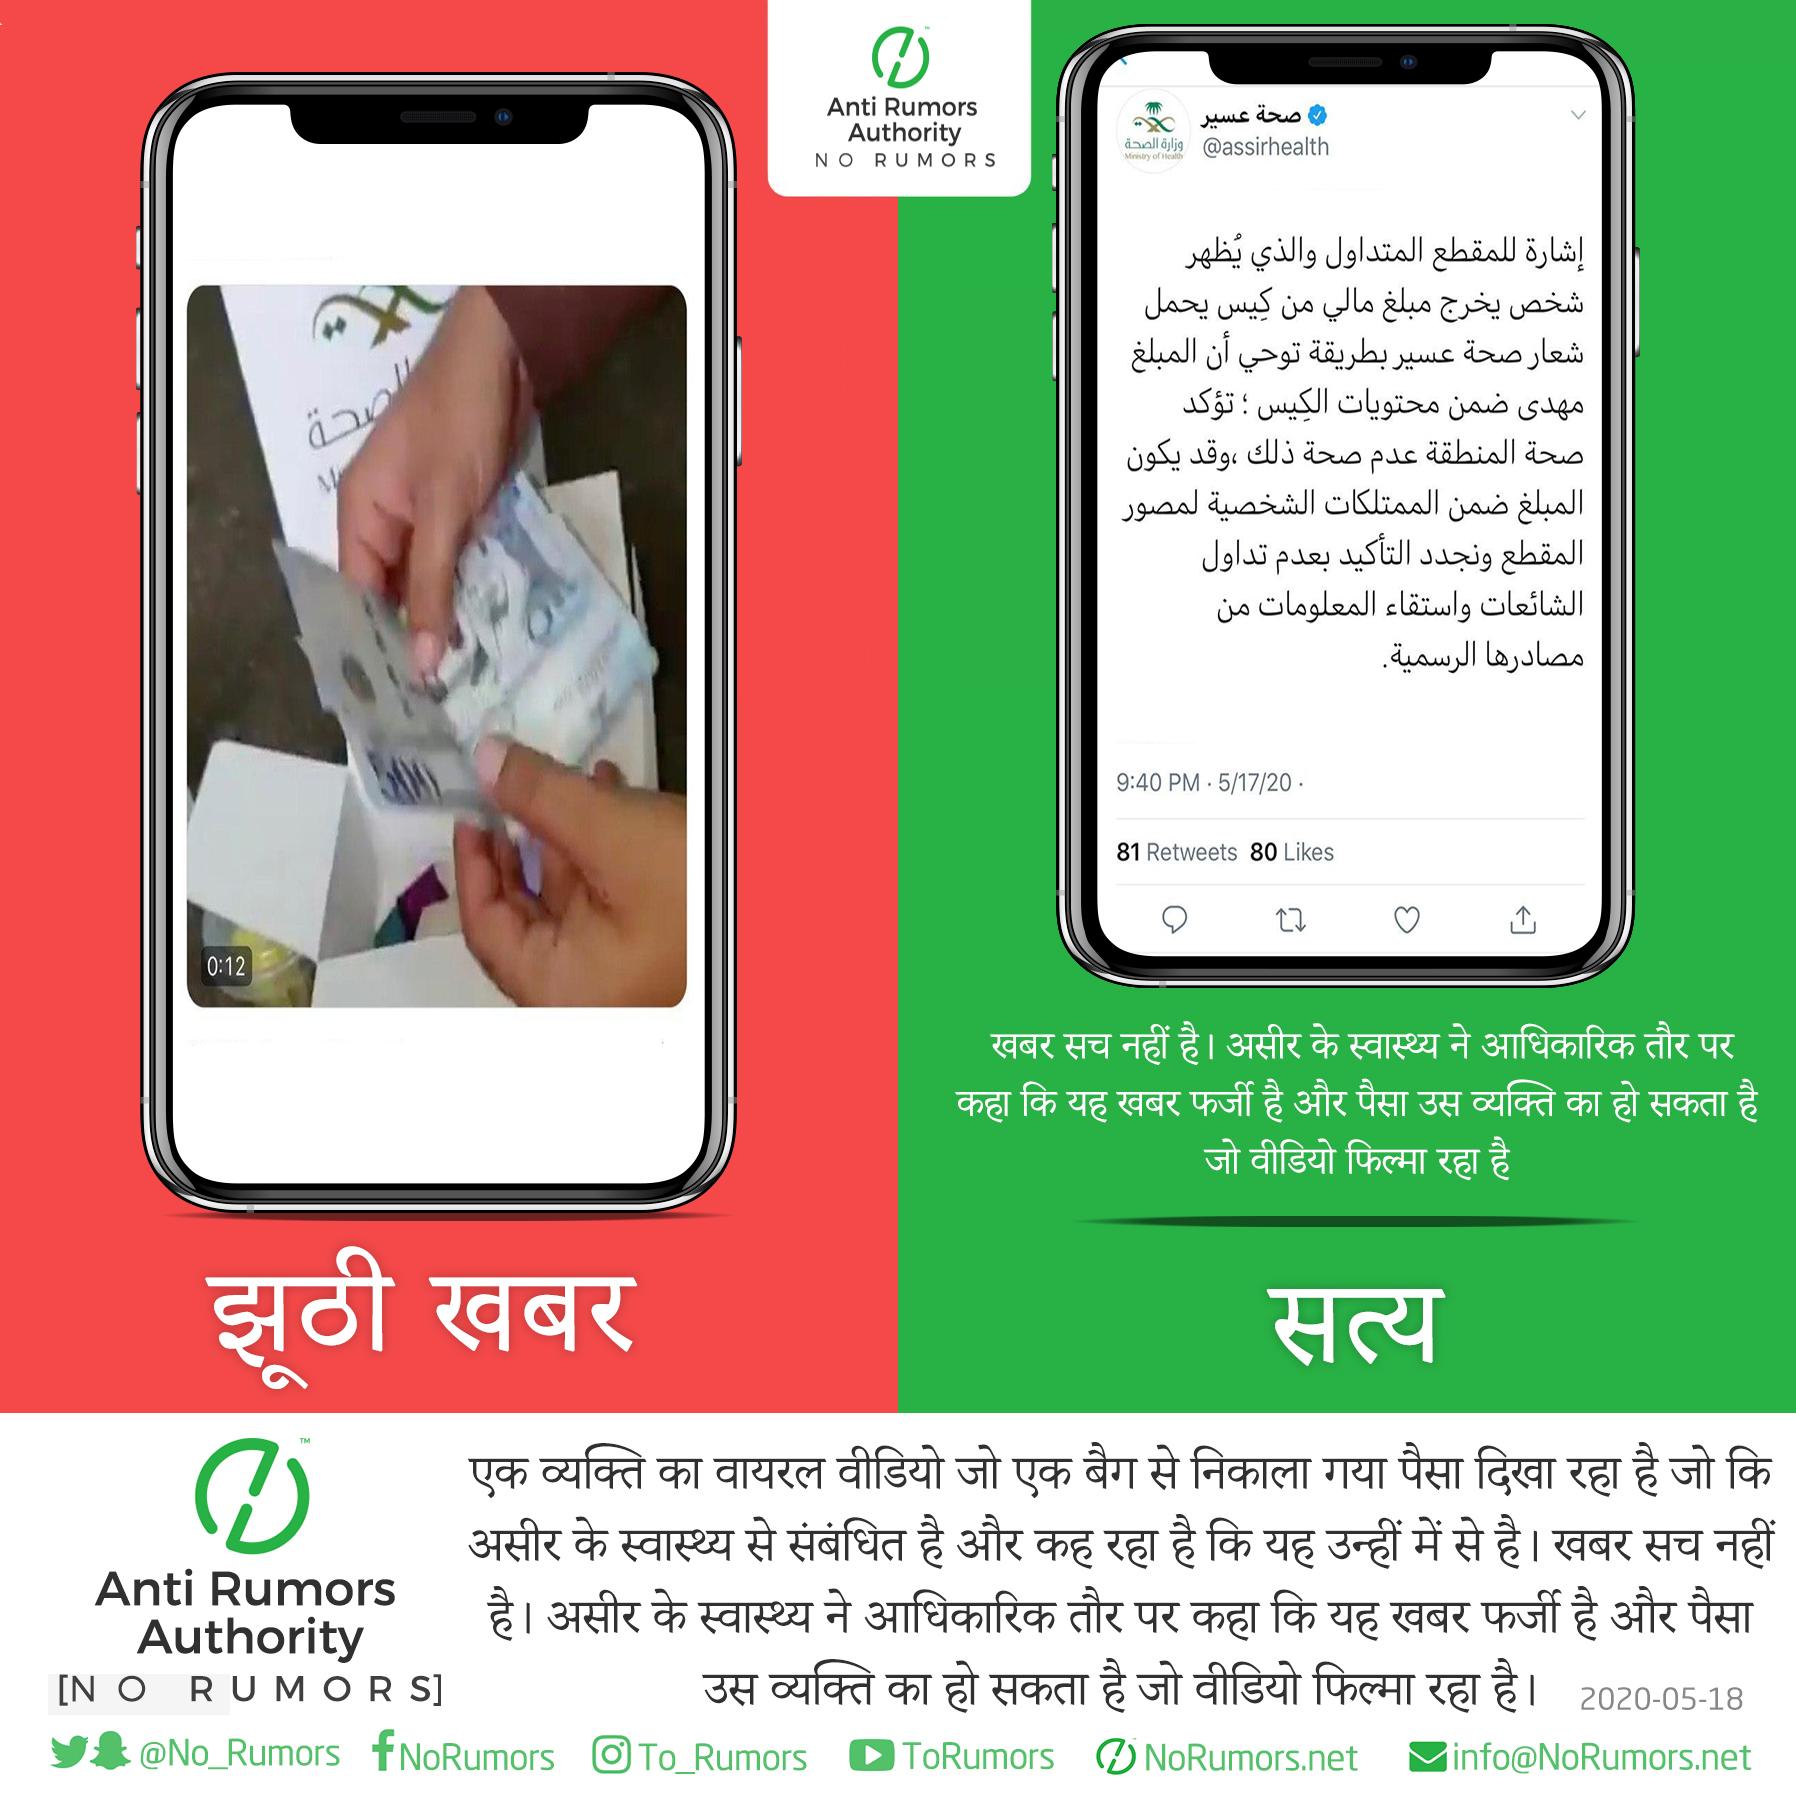 एक व्यक्ति का वायरल वीडियो जो एक बैग से निकाला गया पैसा दिखा रहा है जो कि असीर के स्वास्थ्य से संबंधित है और कह रहा है कि यह उन्हीं में से है। खबर सच नहीं है। असीर के स्वास्थ्य ने आधिकारिक तौर पर कहा कि यह खबर फर्जी है और पैसा उस व्यक्ति का हो सकता है जो वीडियो फिल्मा रहा है।